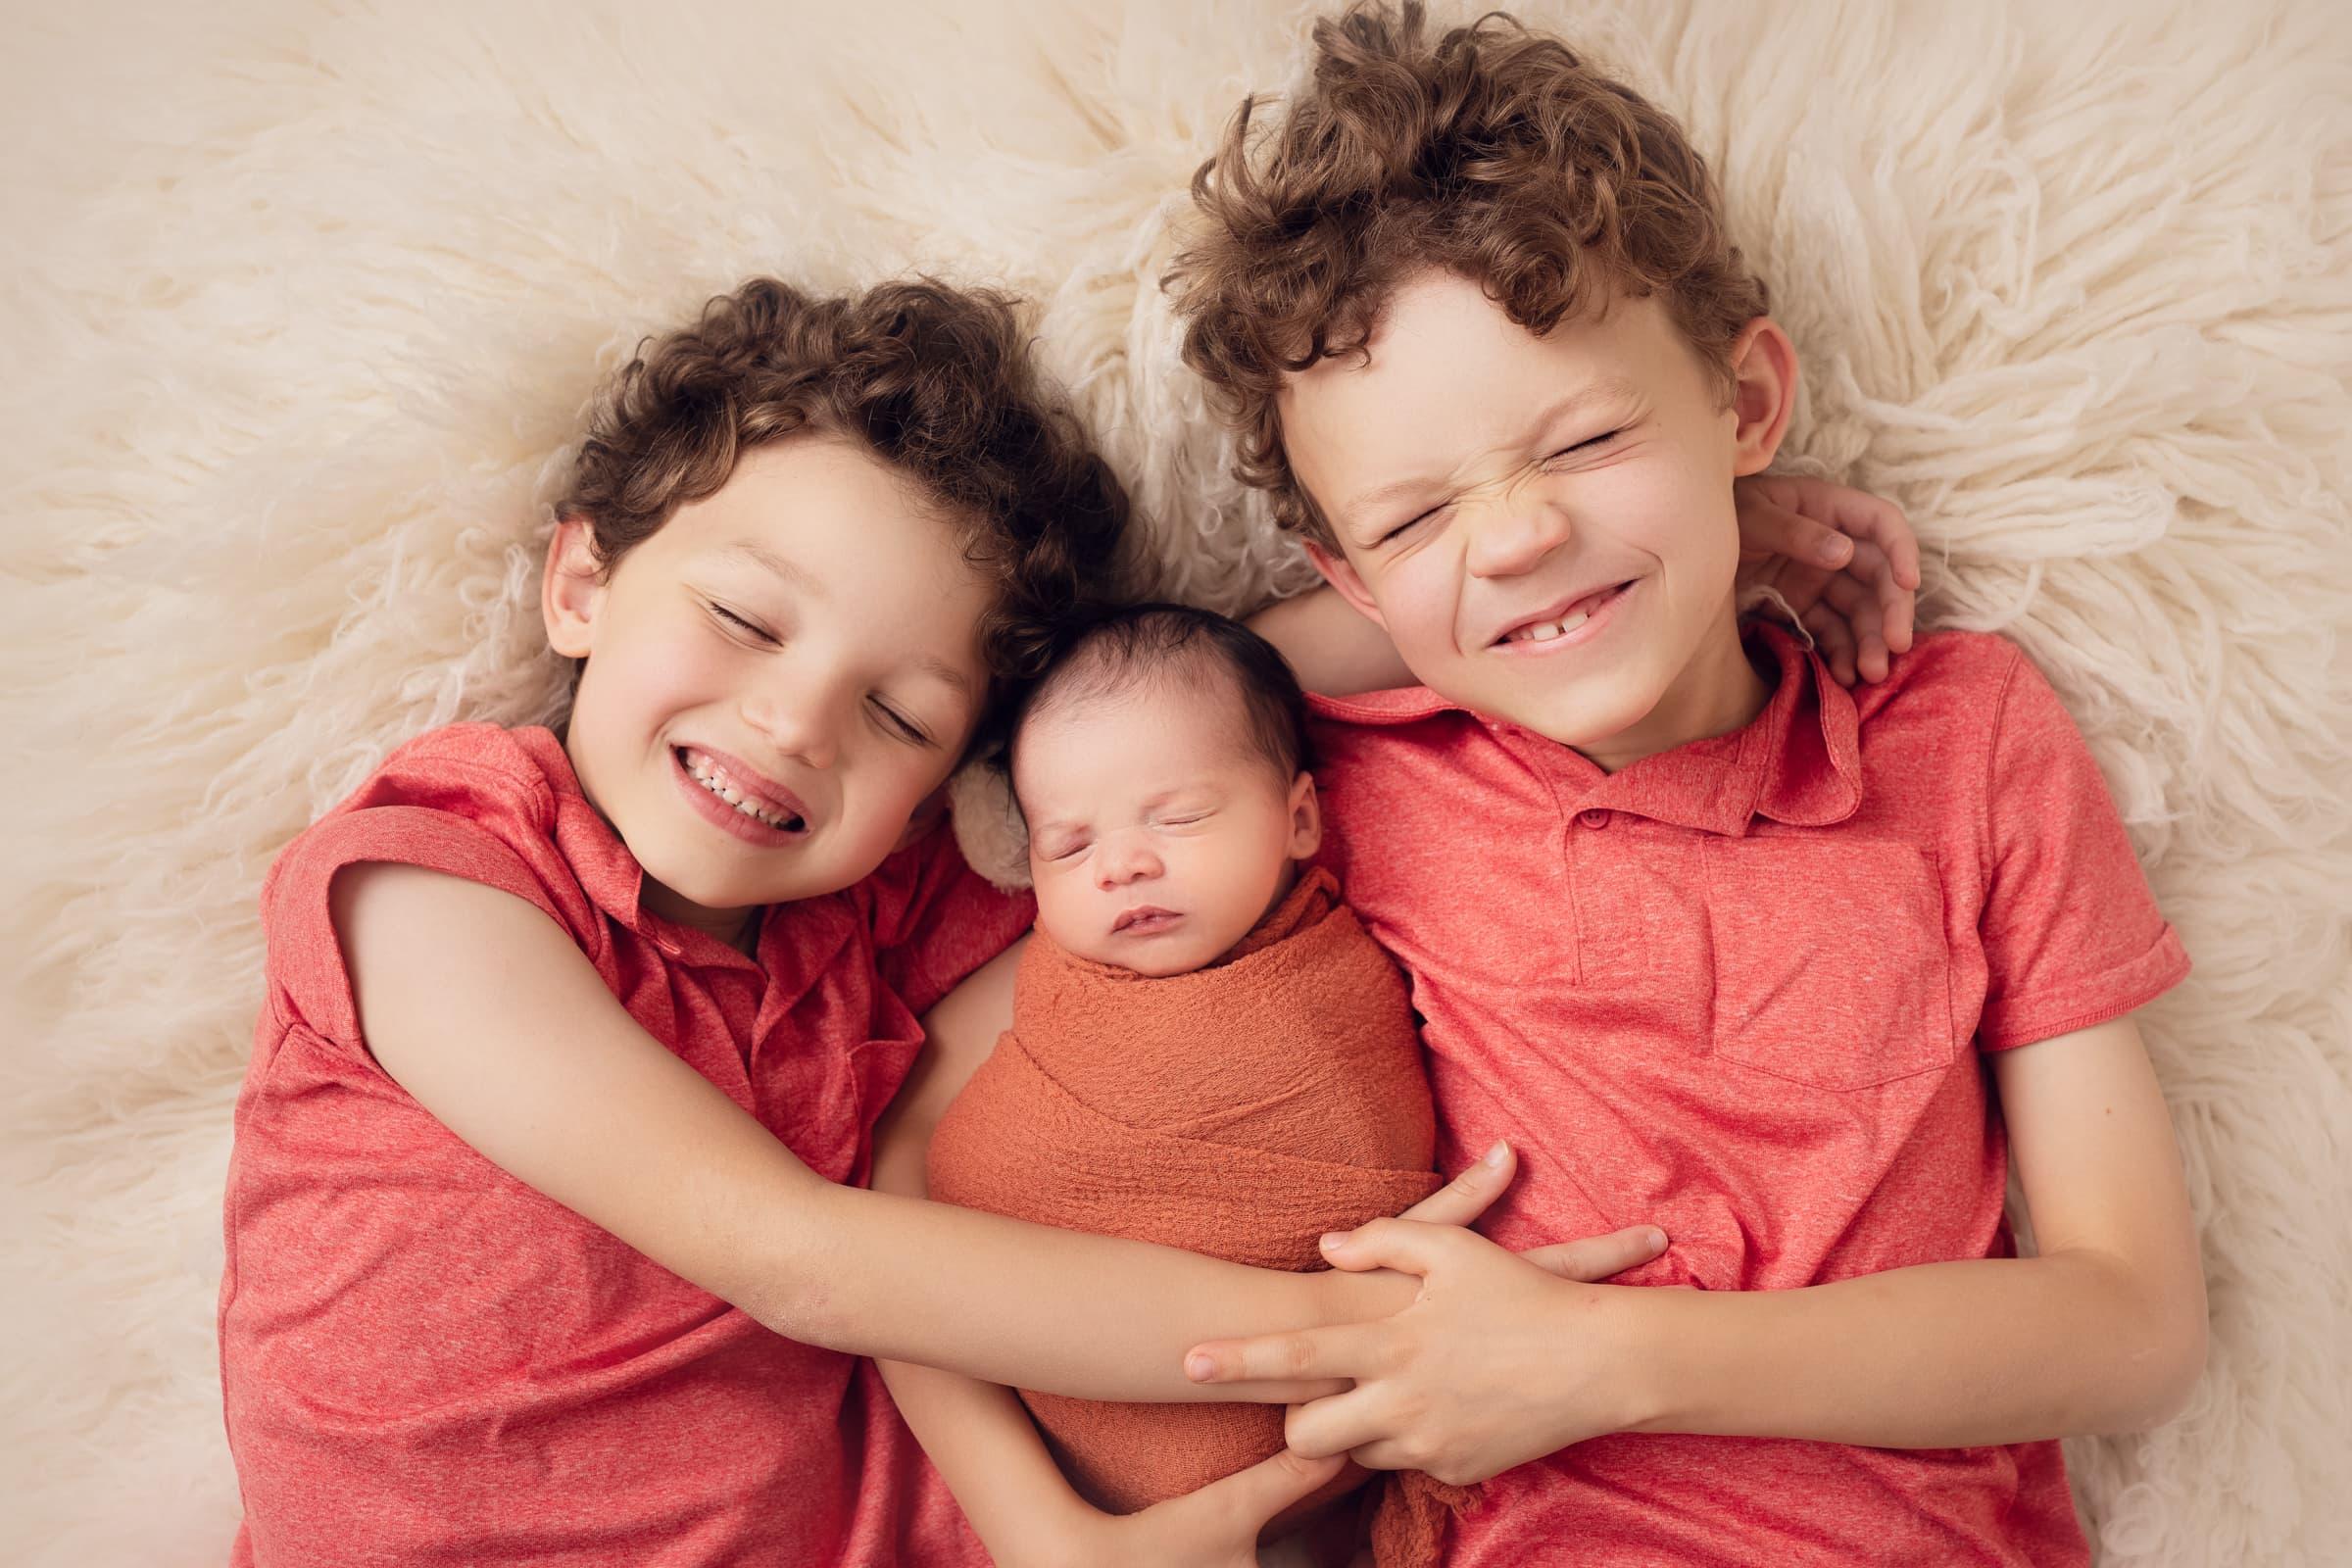 raleigh newborn photographer - baby kian 7